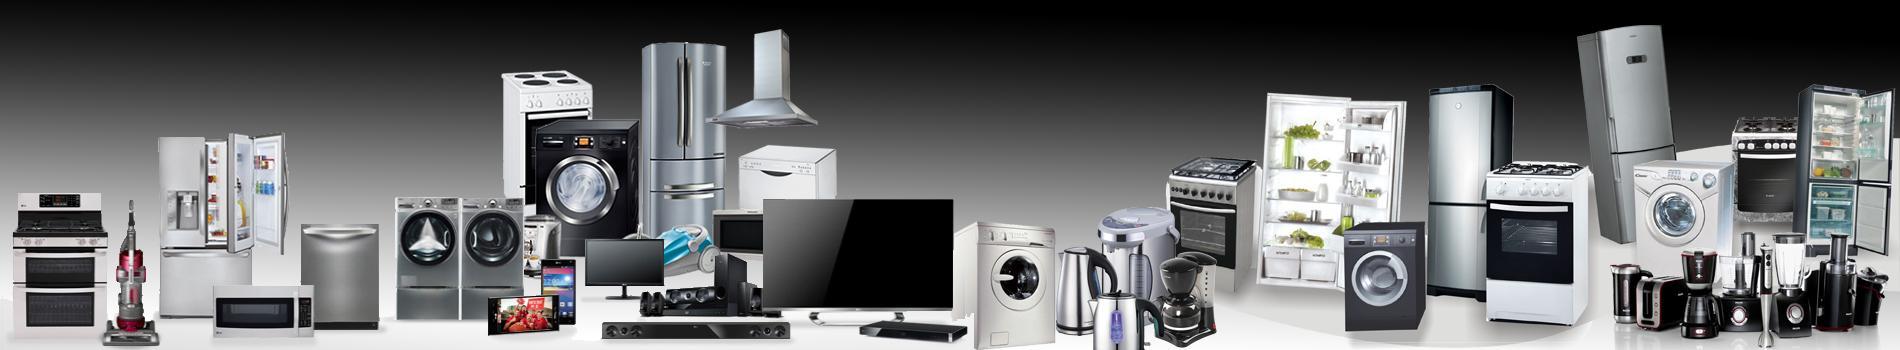 Ремонт бытовой техники, холодильников, стиральных машин, плит, телефонов в Сочи